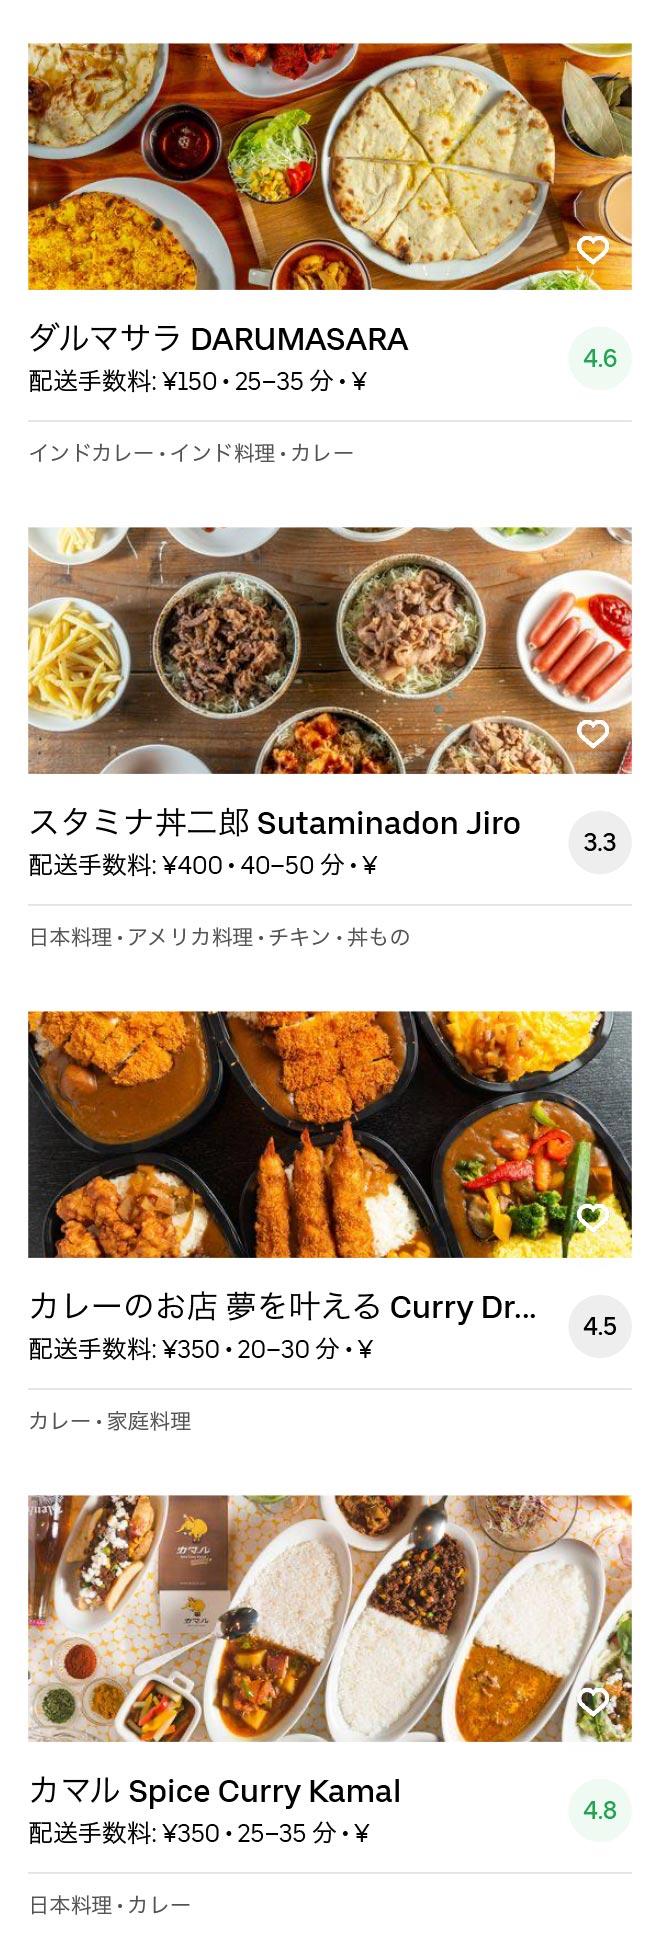 Kyoto hanazono menu 2005 08